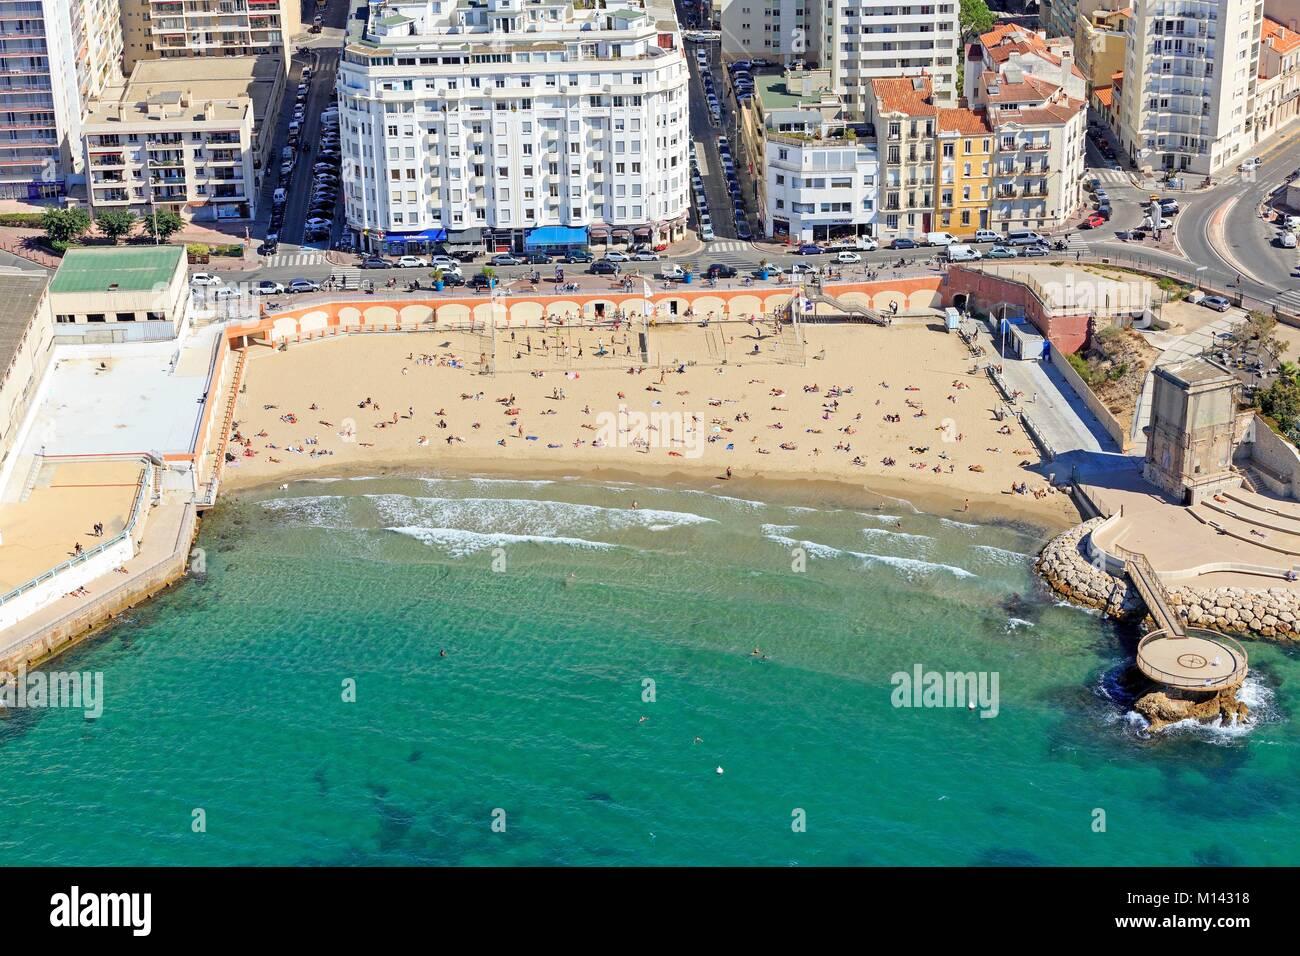 plage des catalans beach stock photos plage des catalans beach stock images alamy. Black Bedroom Furniture Sets. Home Design Ideas